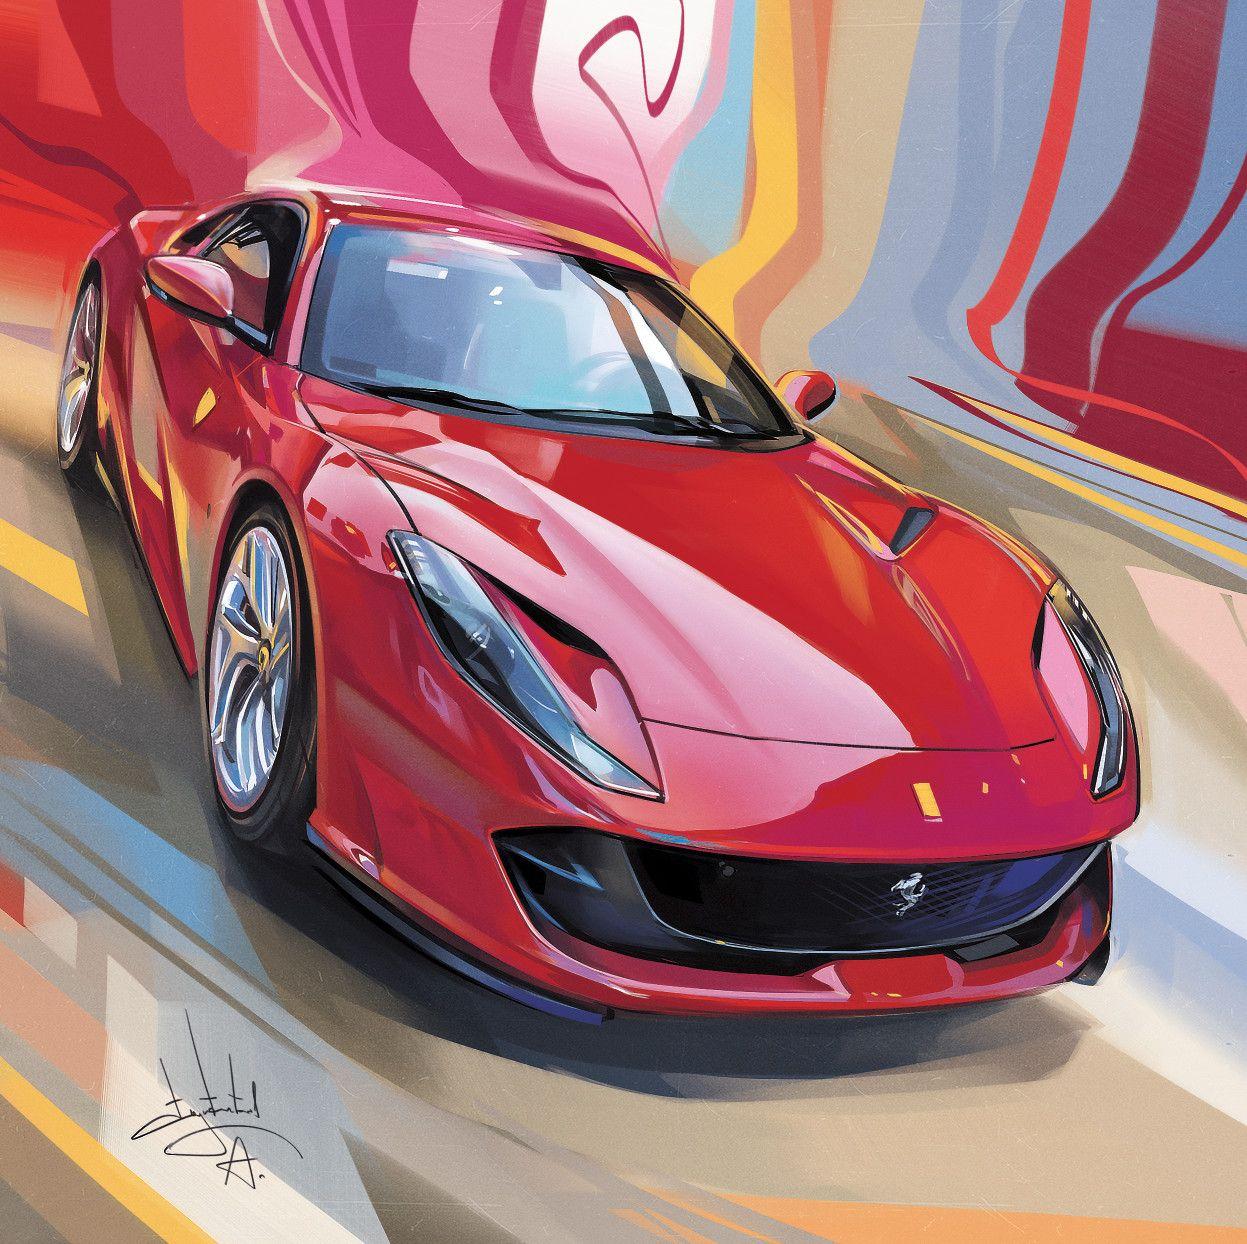 Картинки для автомобиля рисунки конечно, многие